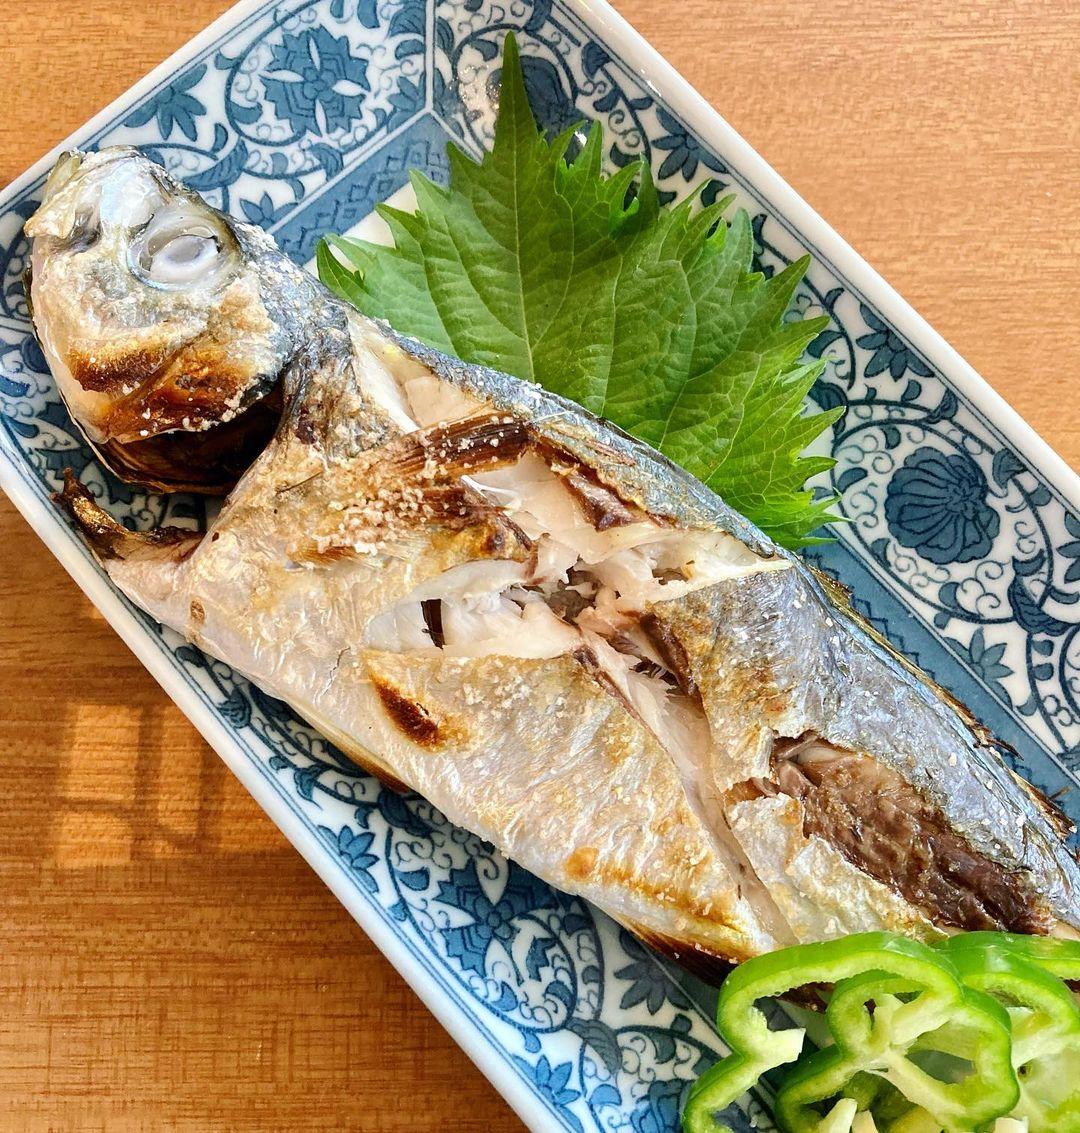 レッスンレポート:ウエカツさん オンライン魚教室 ウエカツ流「焼く」の極意(2021.08.01)